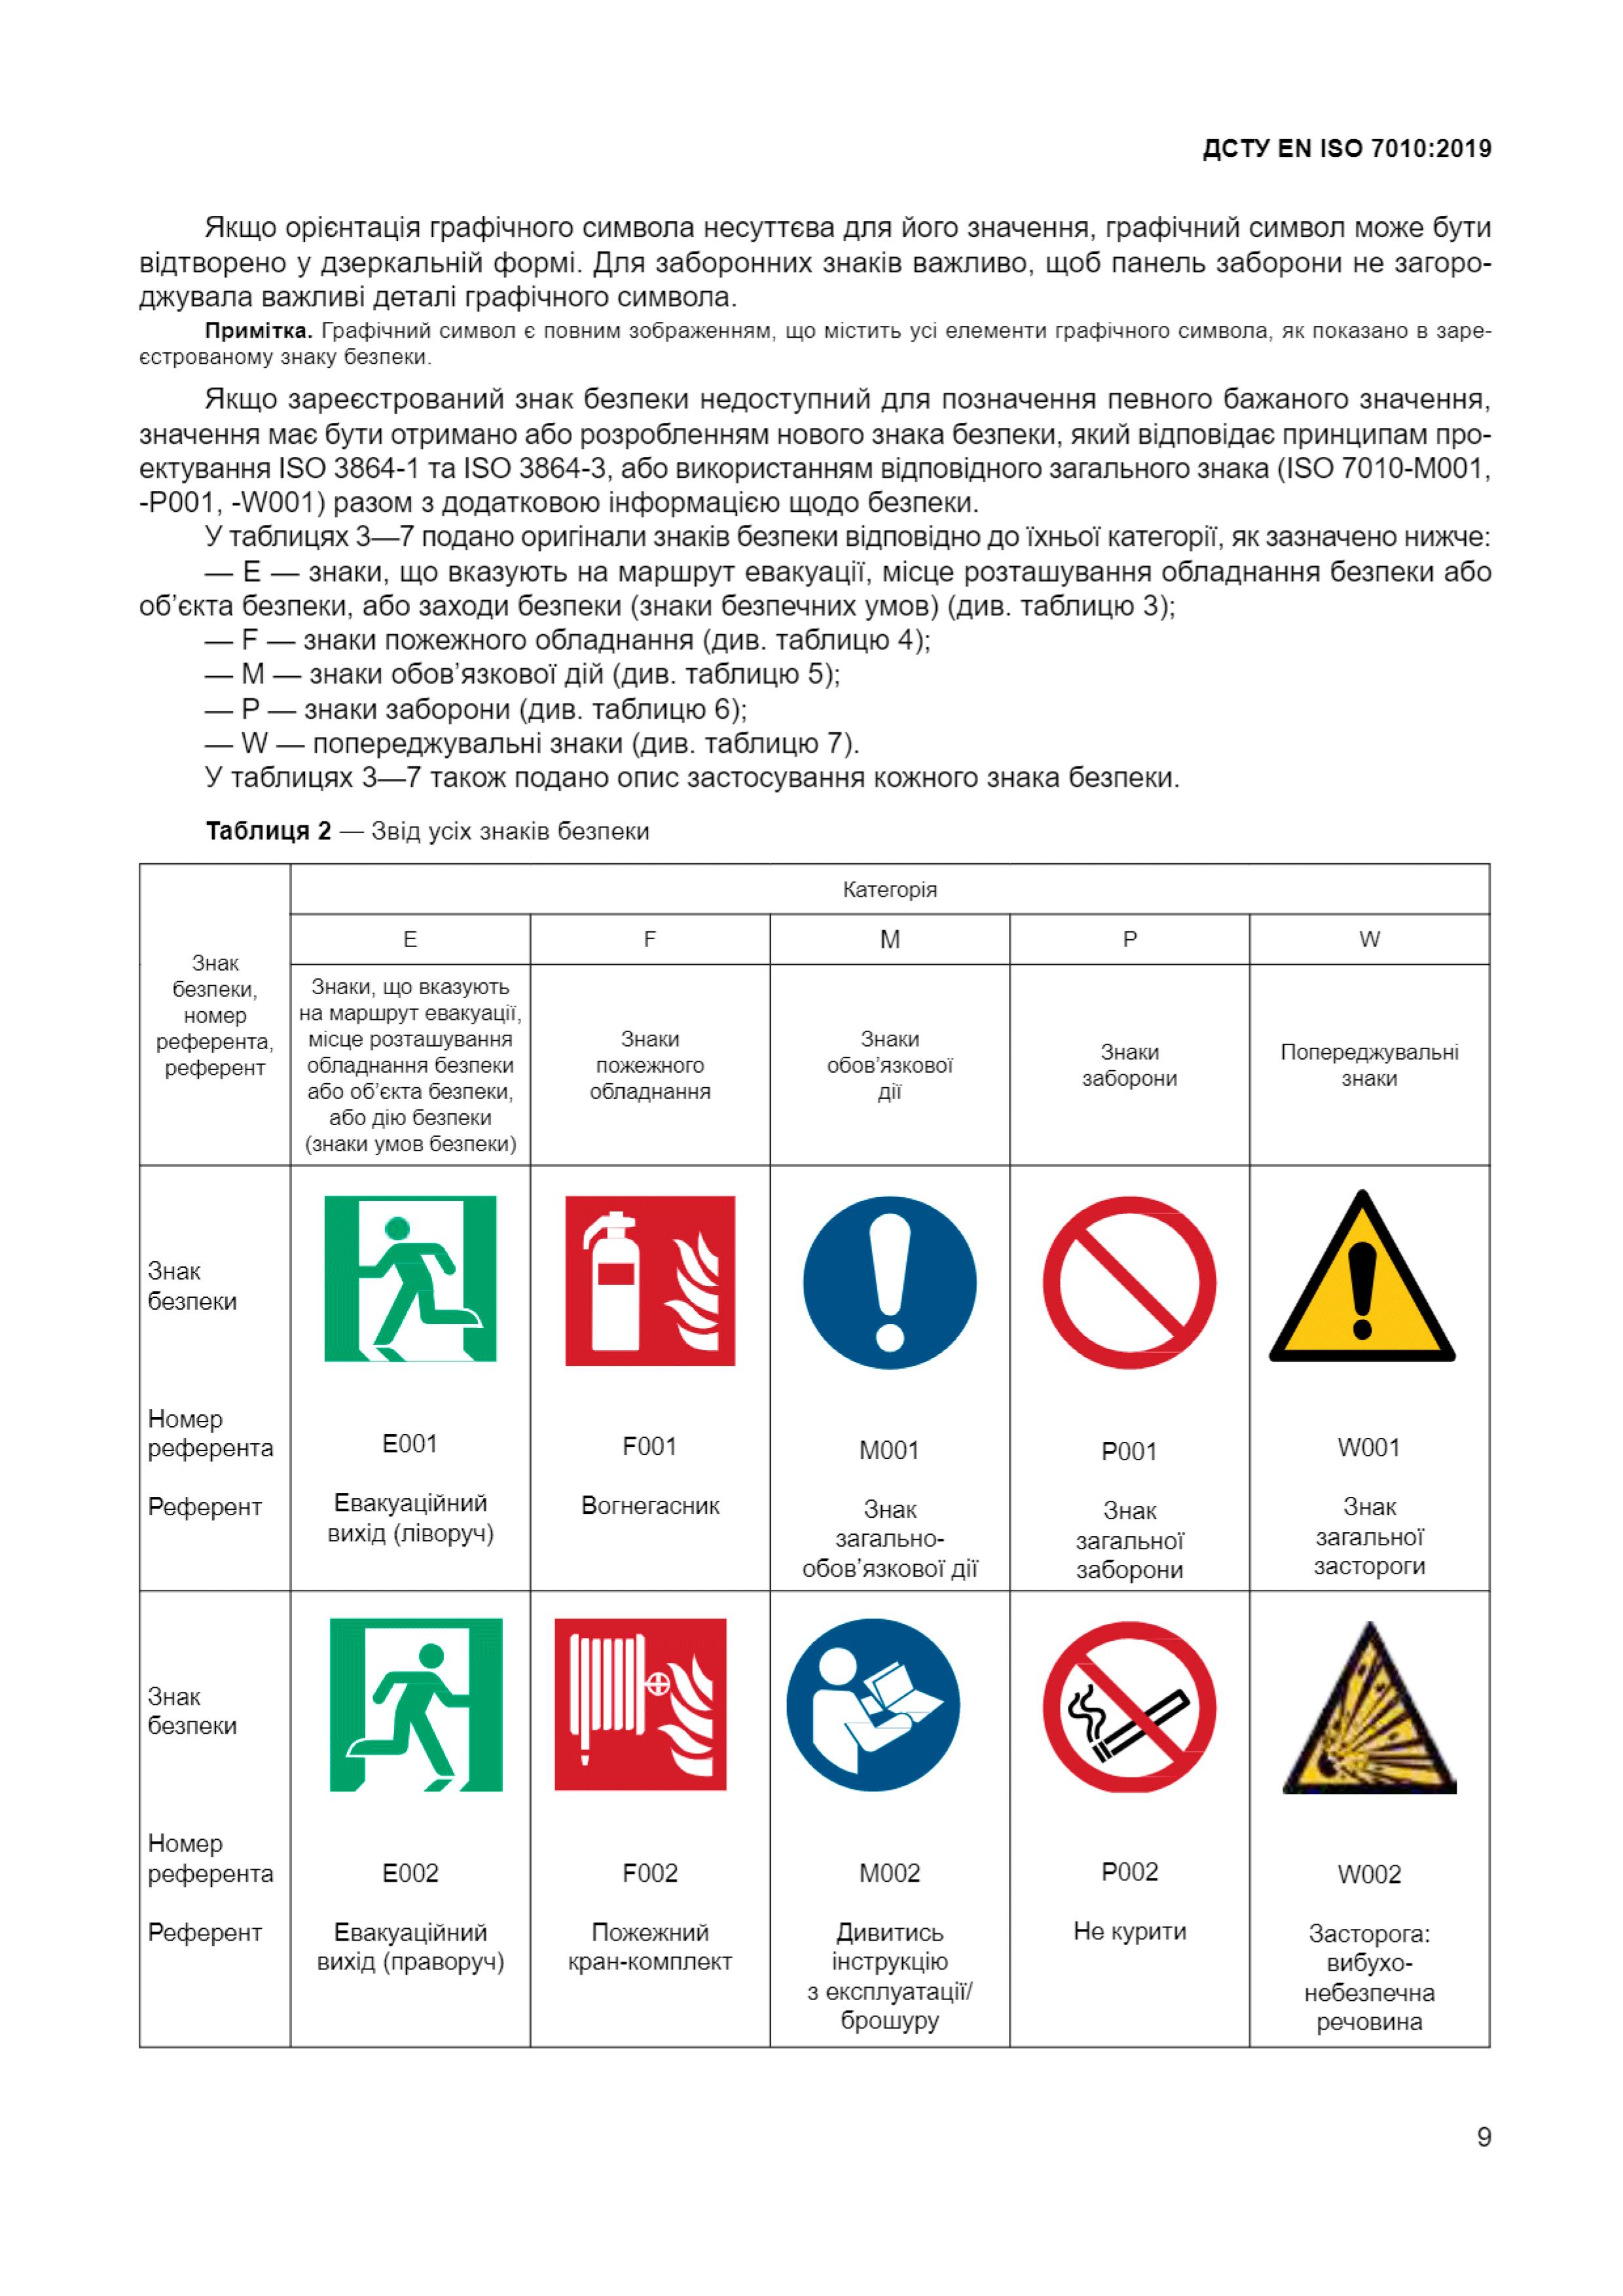 Звід усіх знакків безпеки 1 ДСТУ ЕN ІSО 7010:2019-Техноспектр-Сервіс